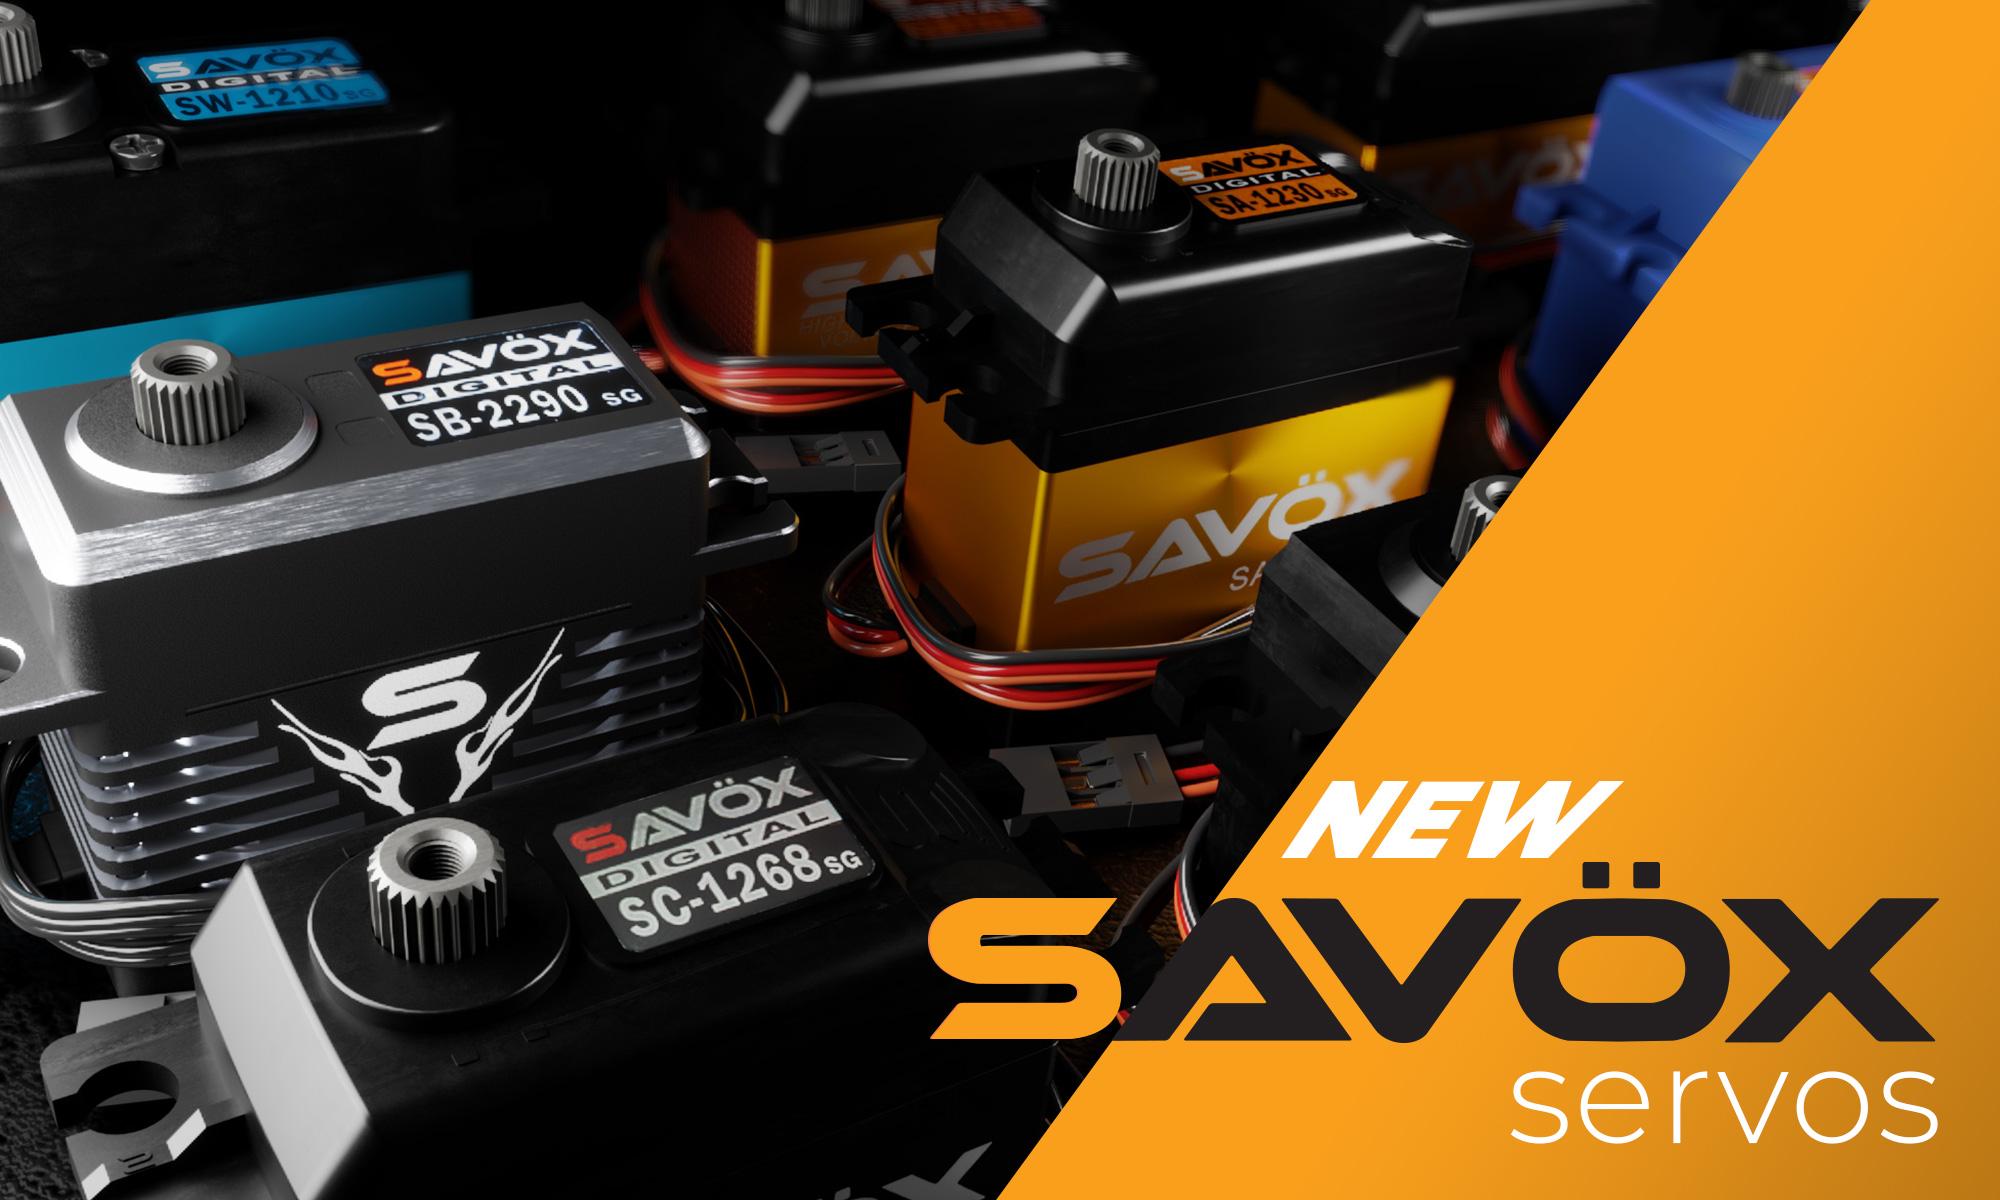 Savox_2000x1200.jpg